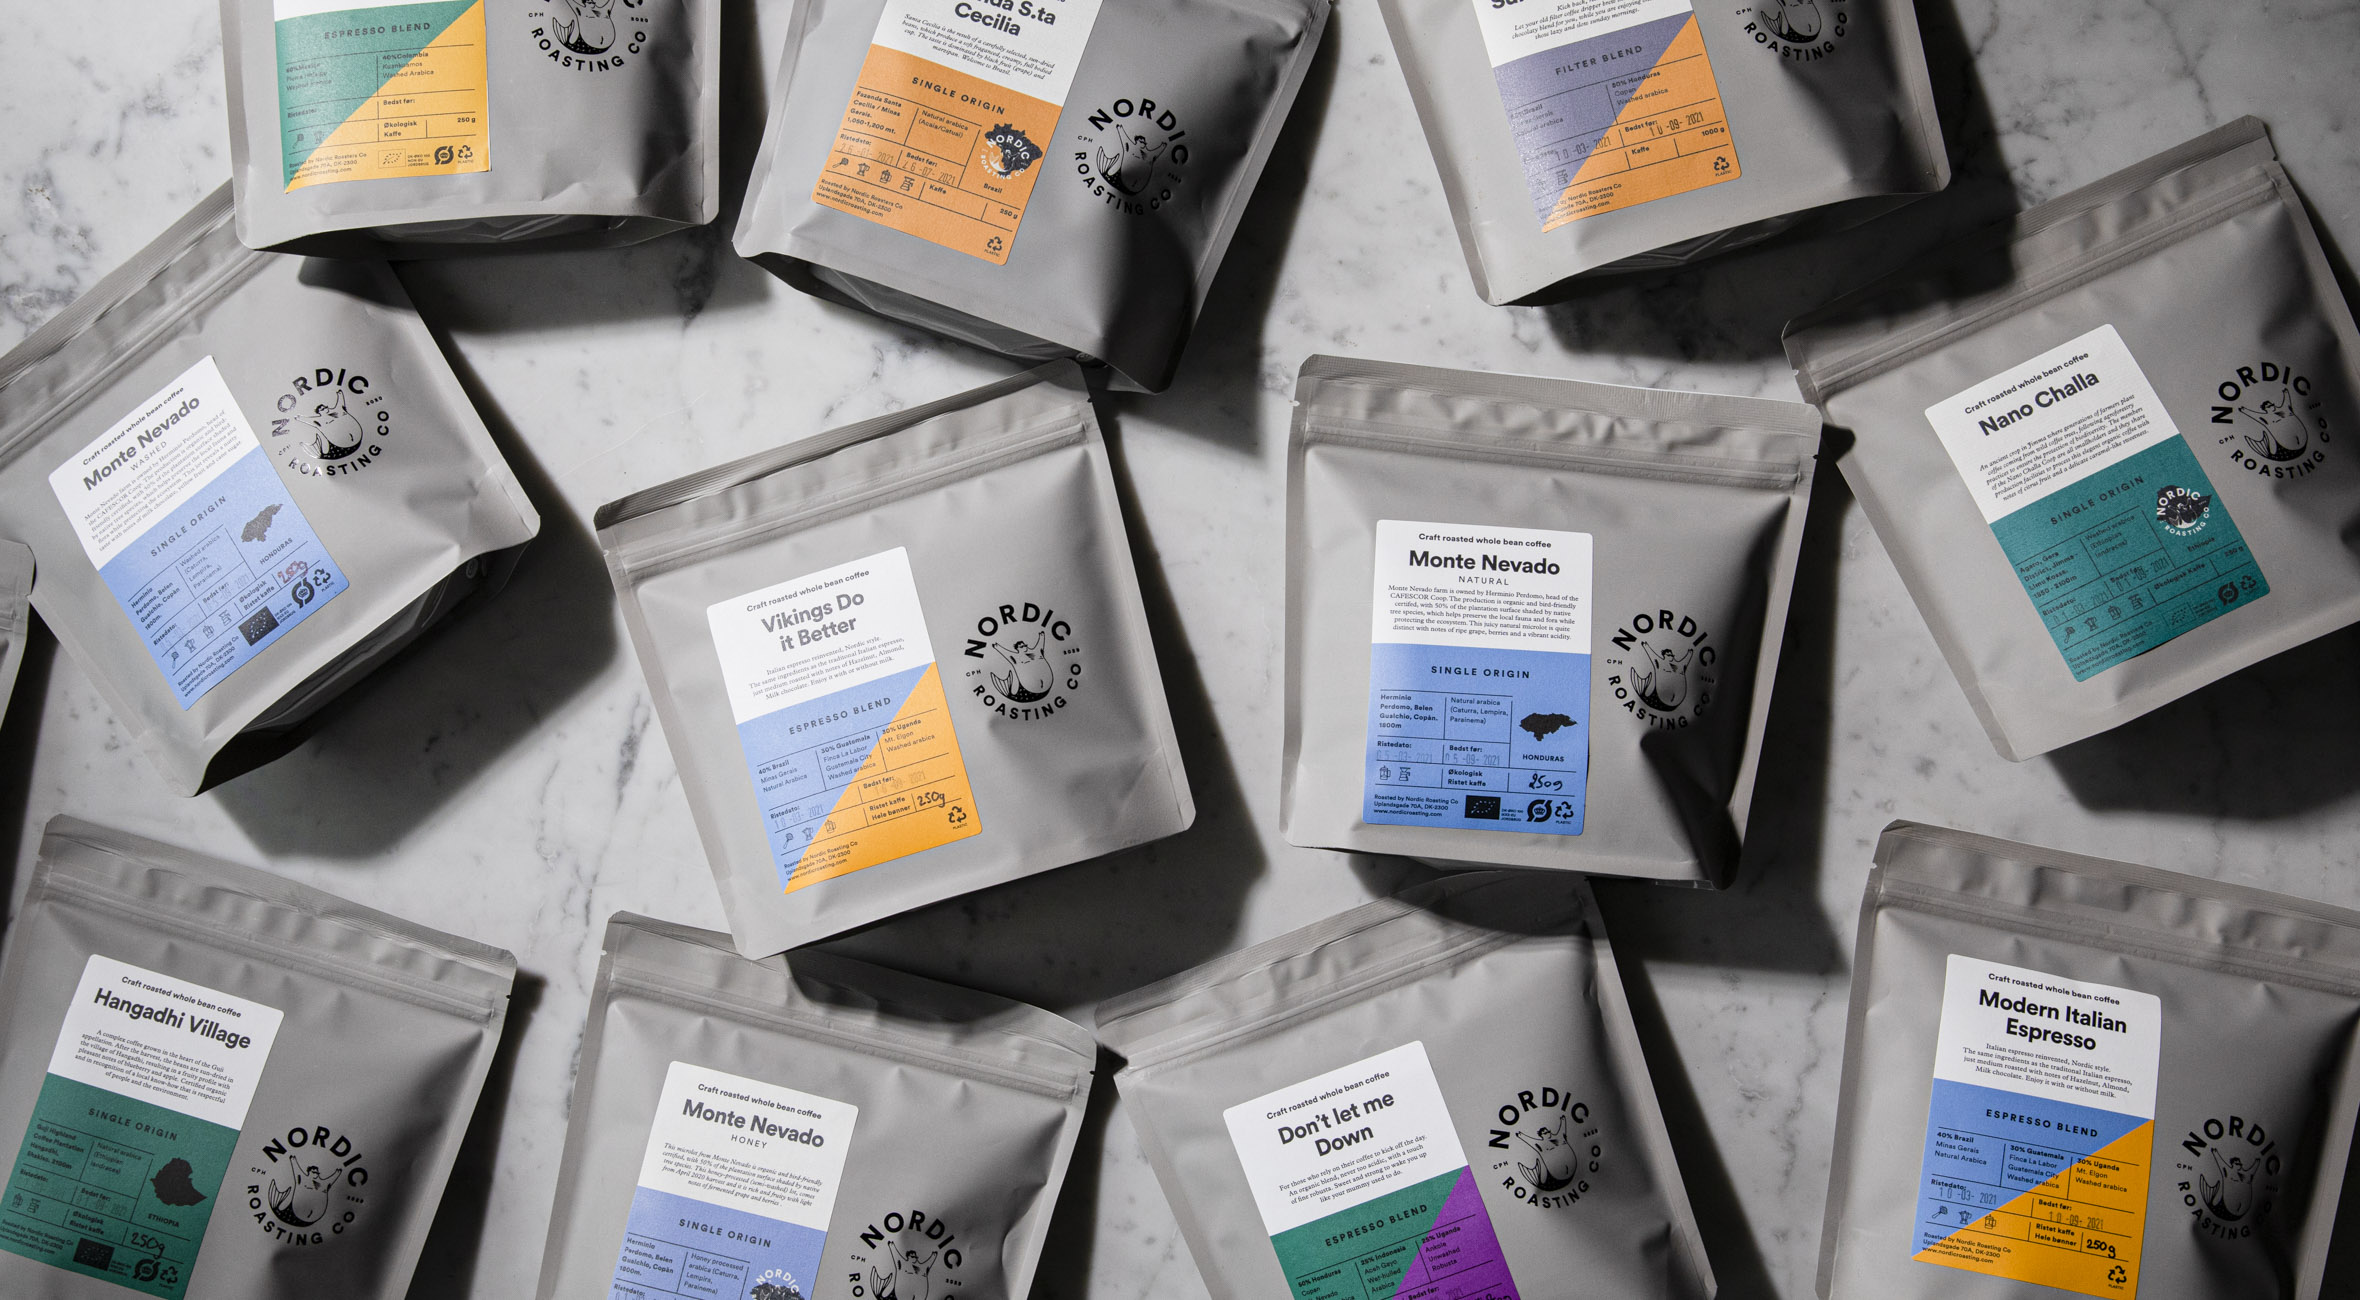 2 poser valgfri kaffe fra Nordic Roasting Co. på Amager – Besøg ét af landets hippeste mikroristerier og få nyristede kaffebønner med hjem